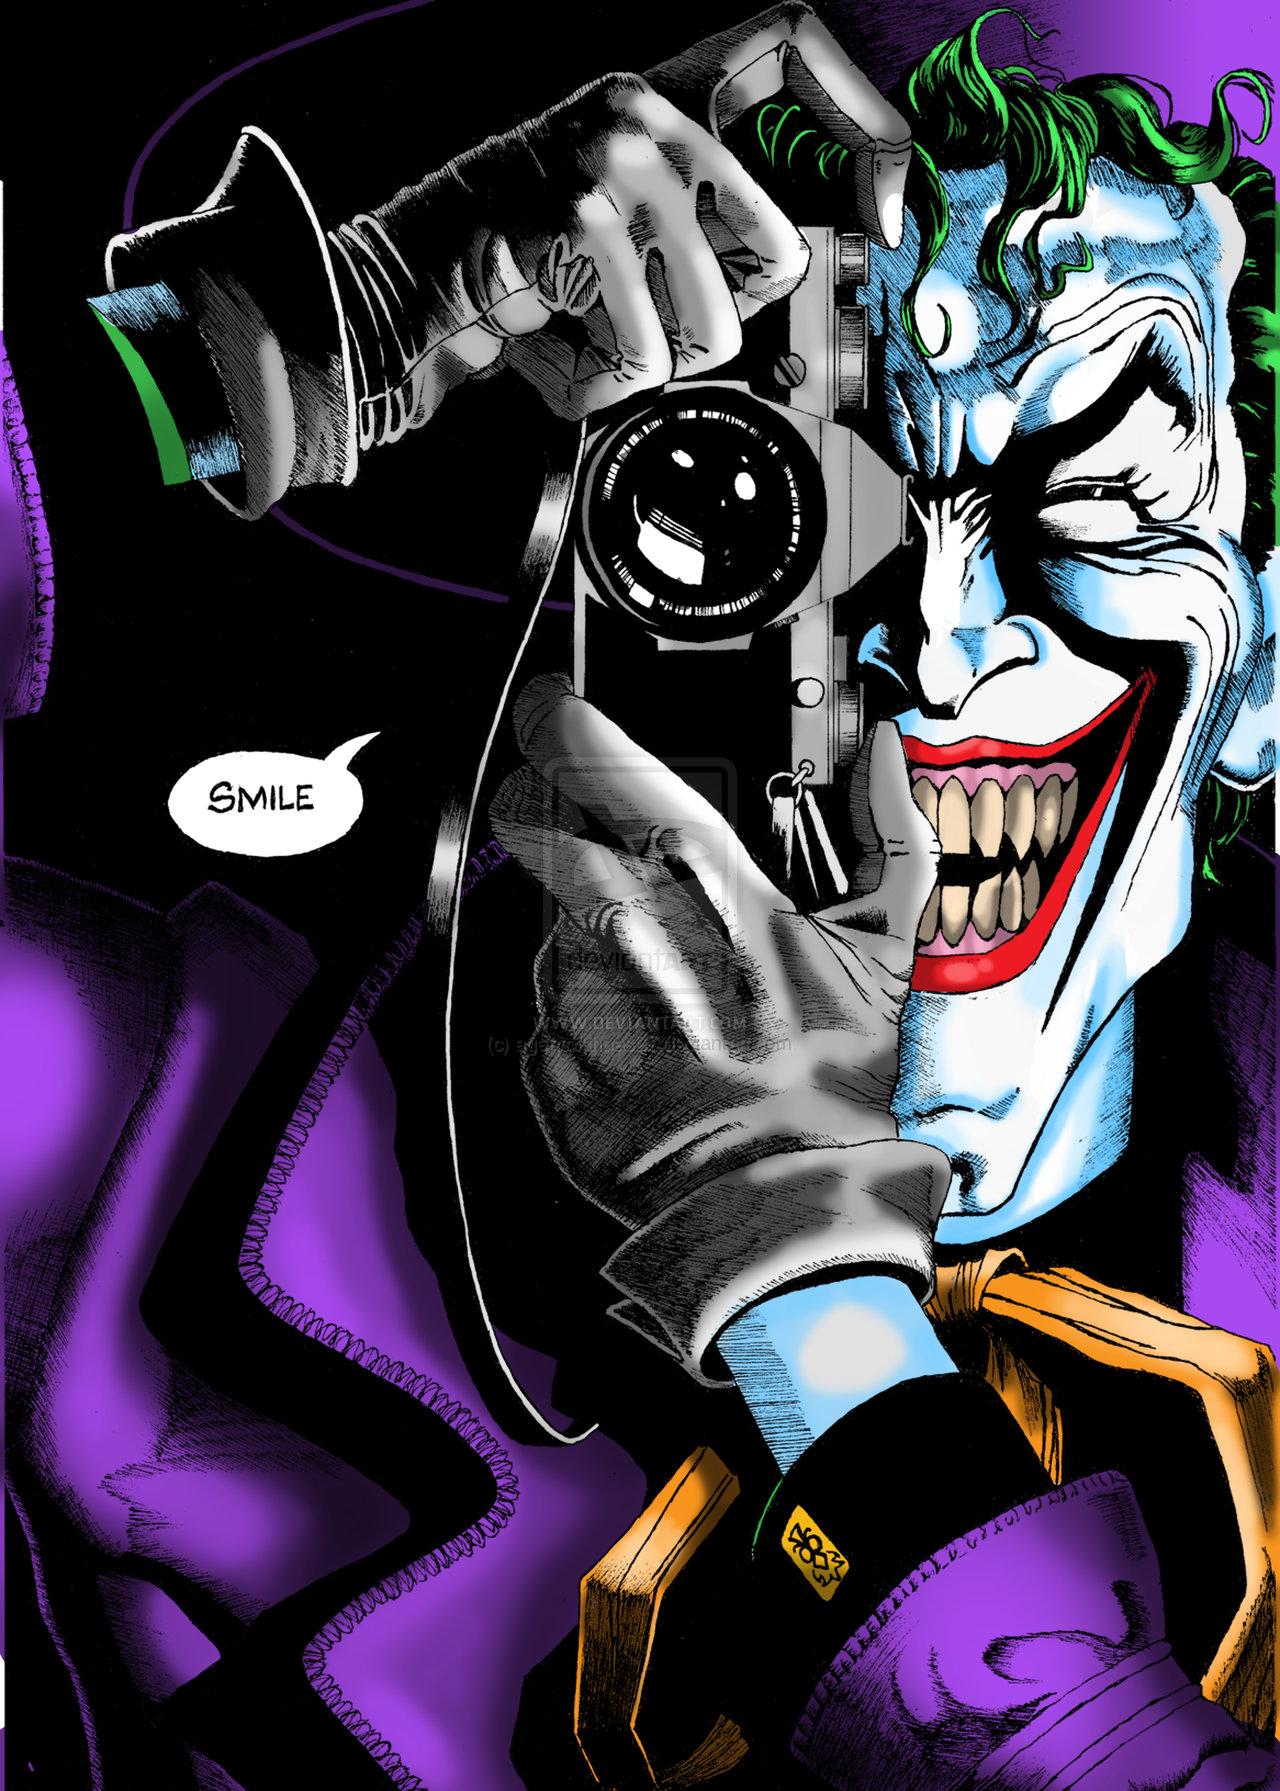 Jared Leto Gives Us A Sneak Peak of His Joker… KILLING ... Jared Leto Imdb